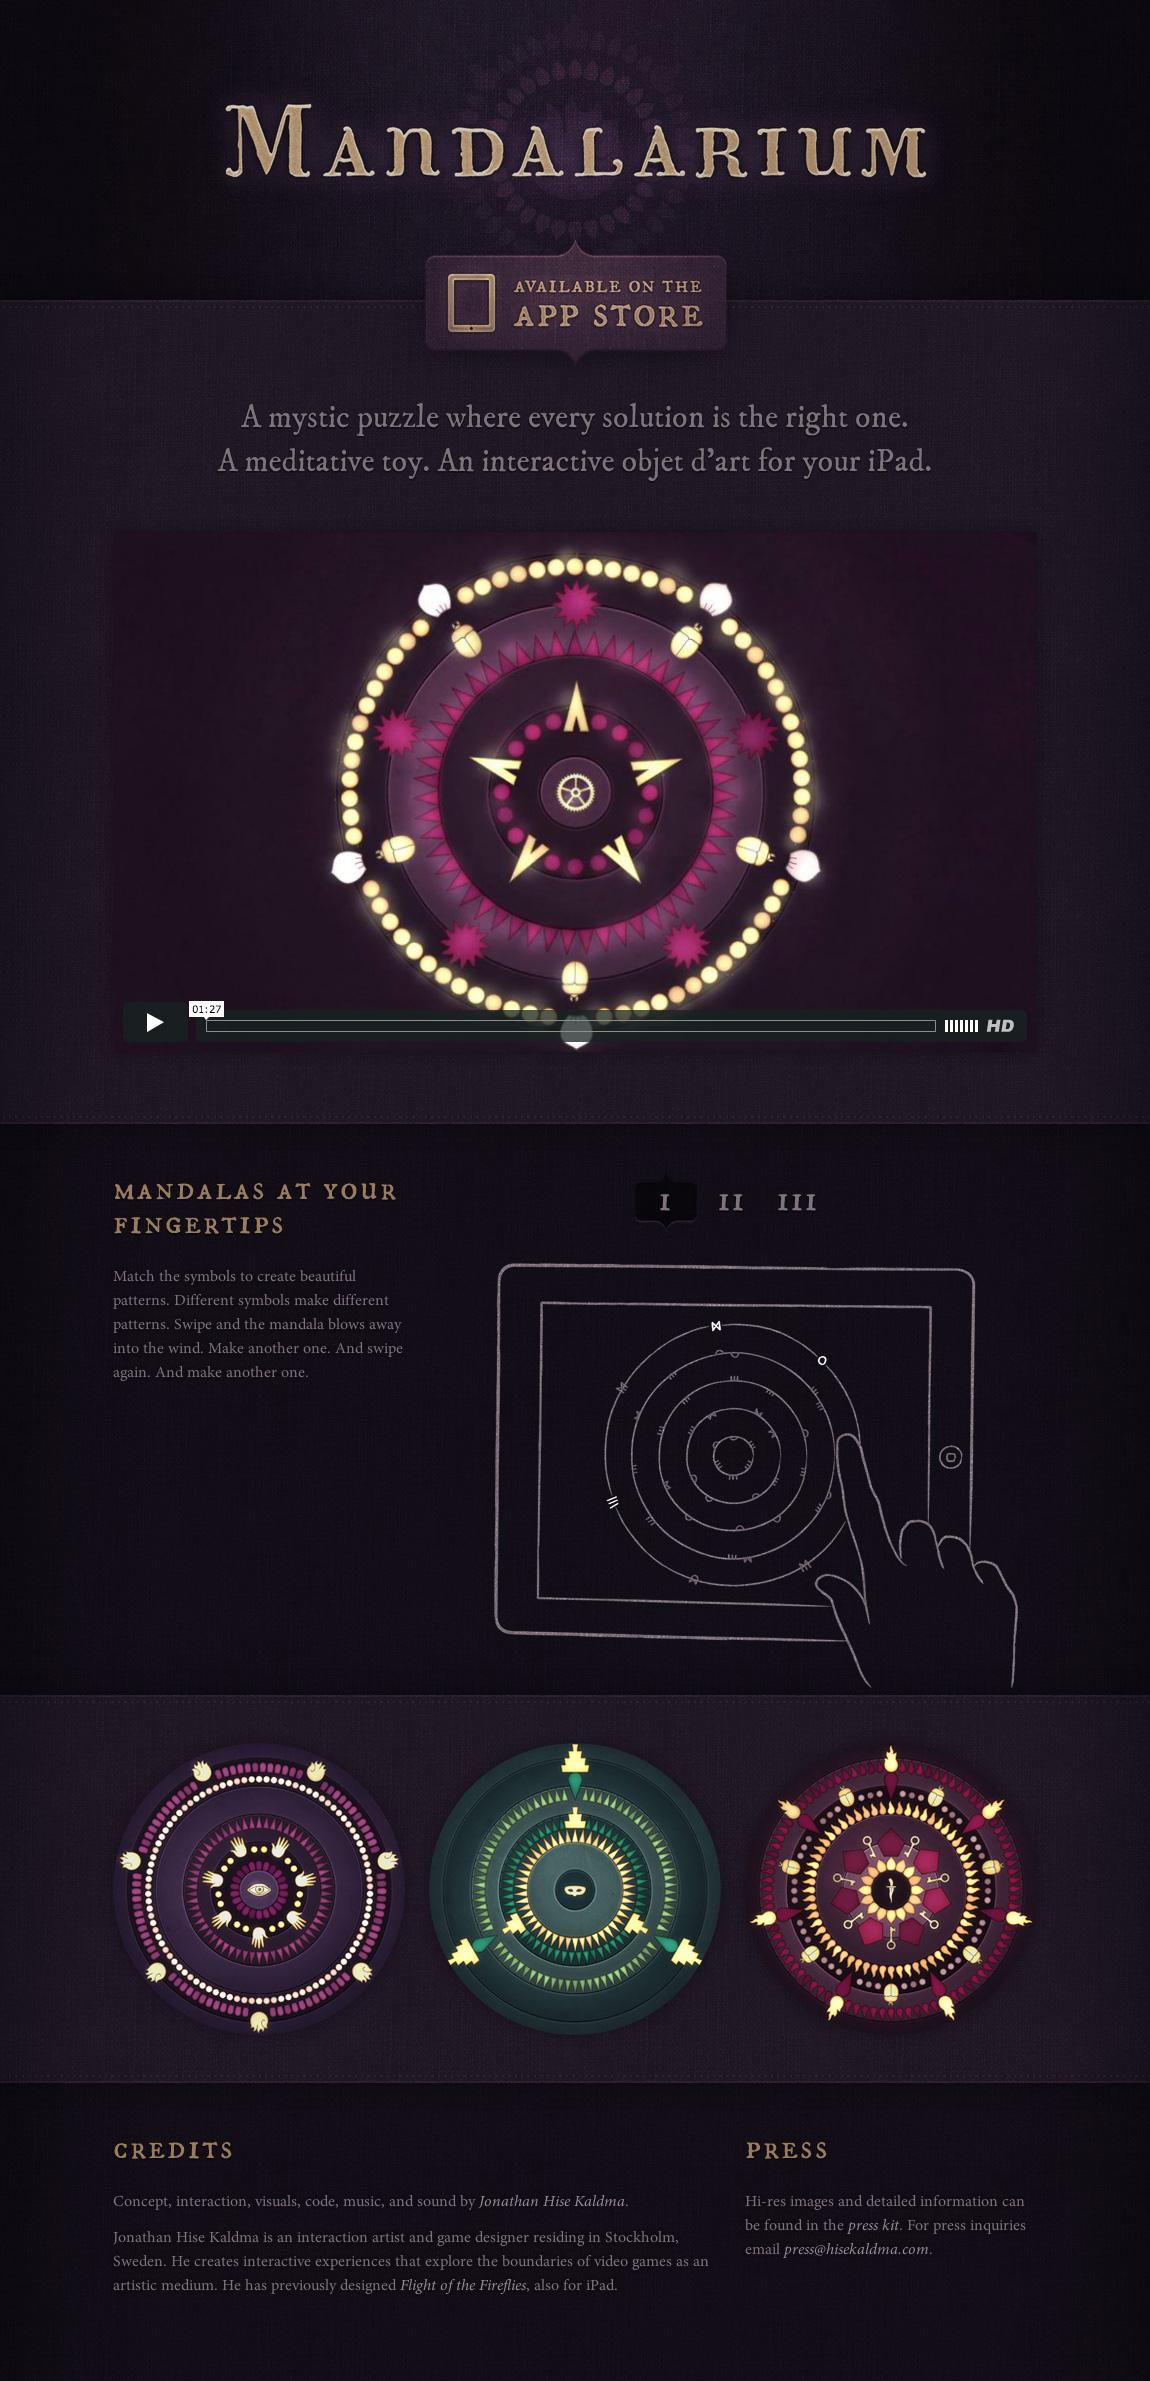 Mandalarium Website Screenshot